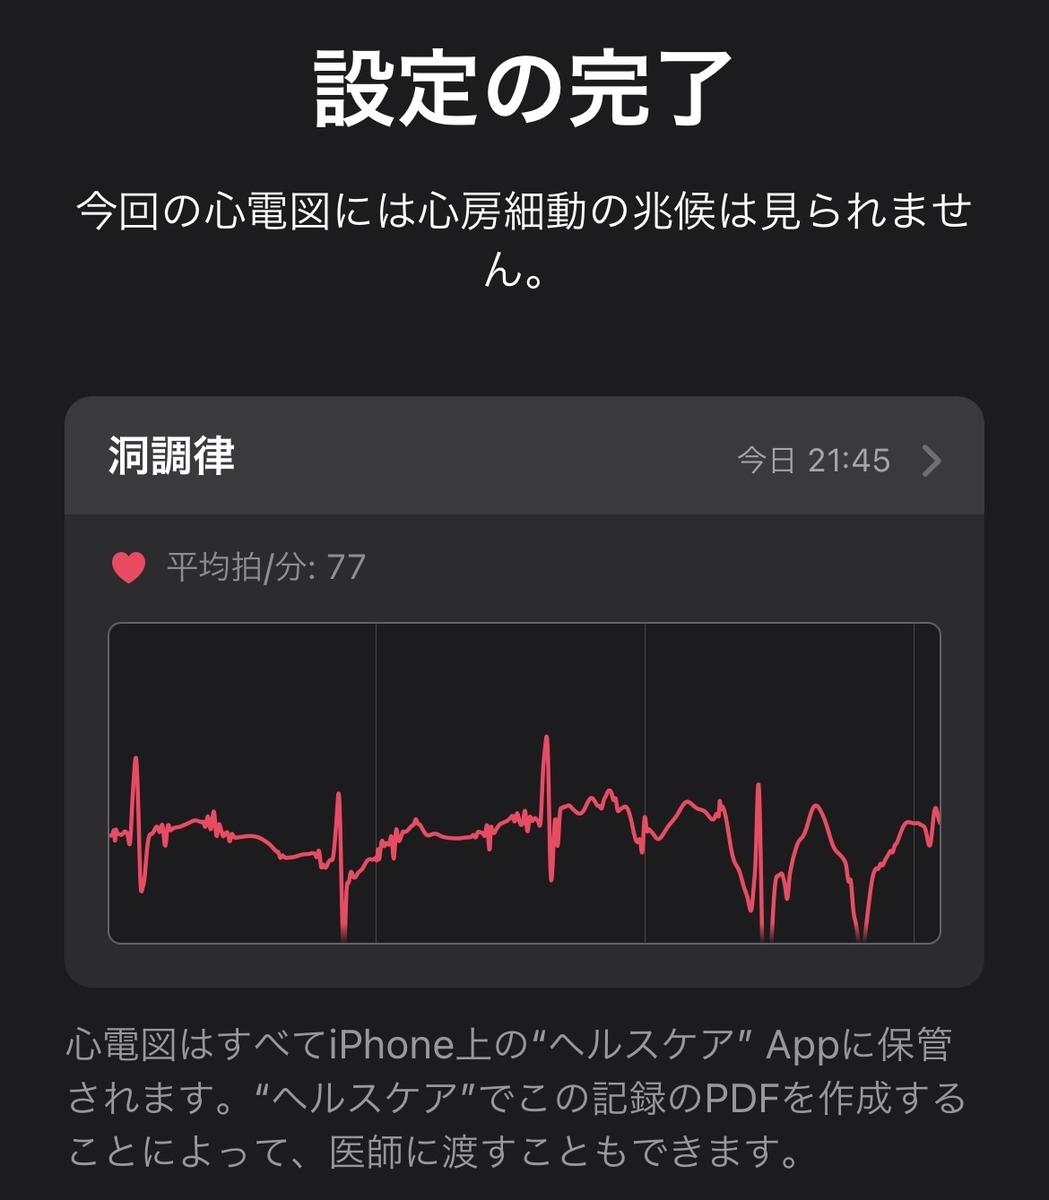 f:id:lifesearch:20210127222031j:plain